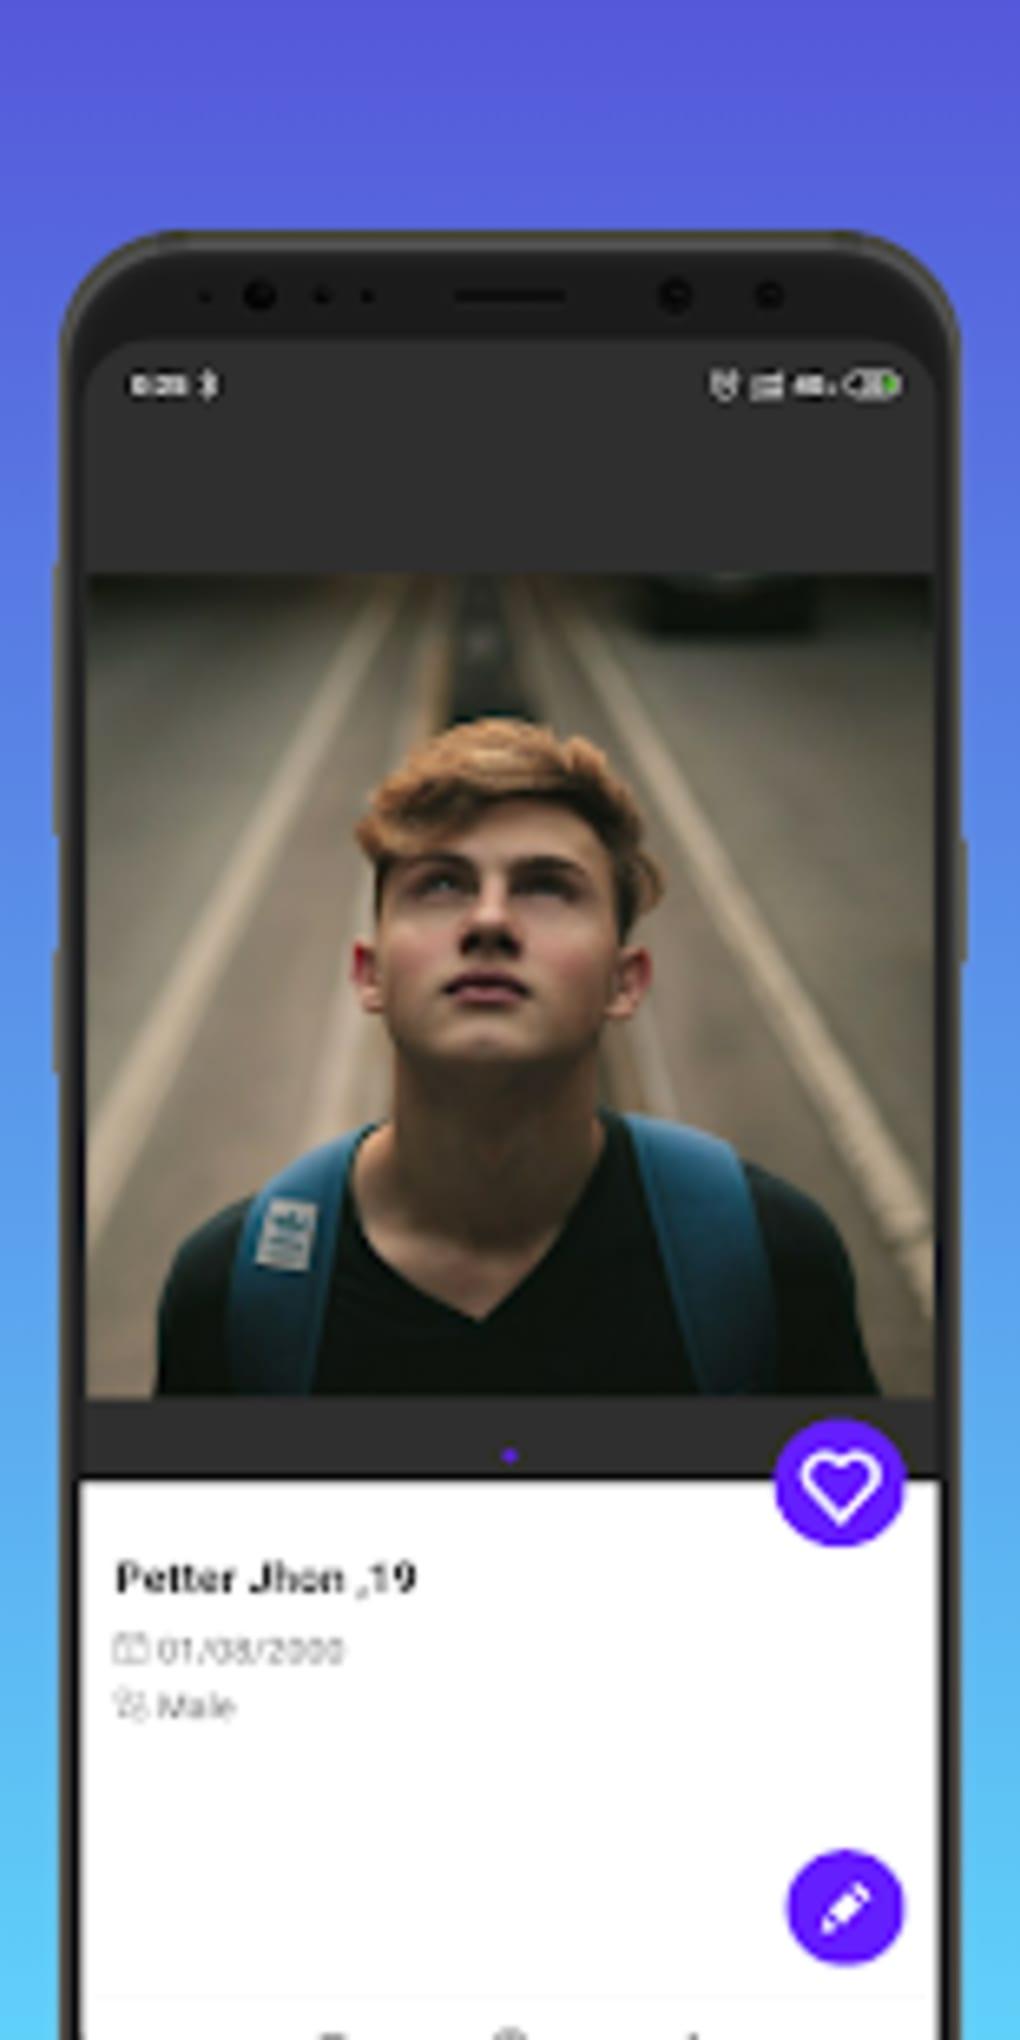 Paras Android sijainti dating App